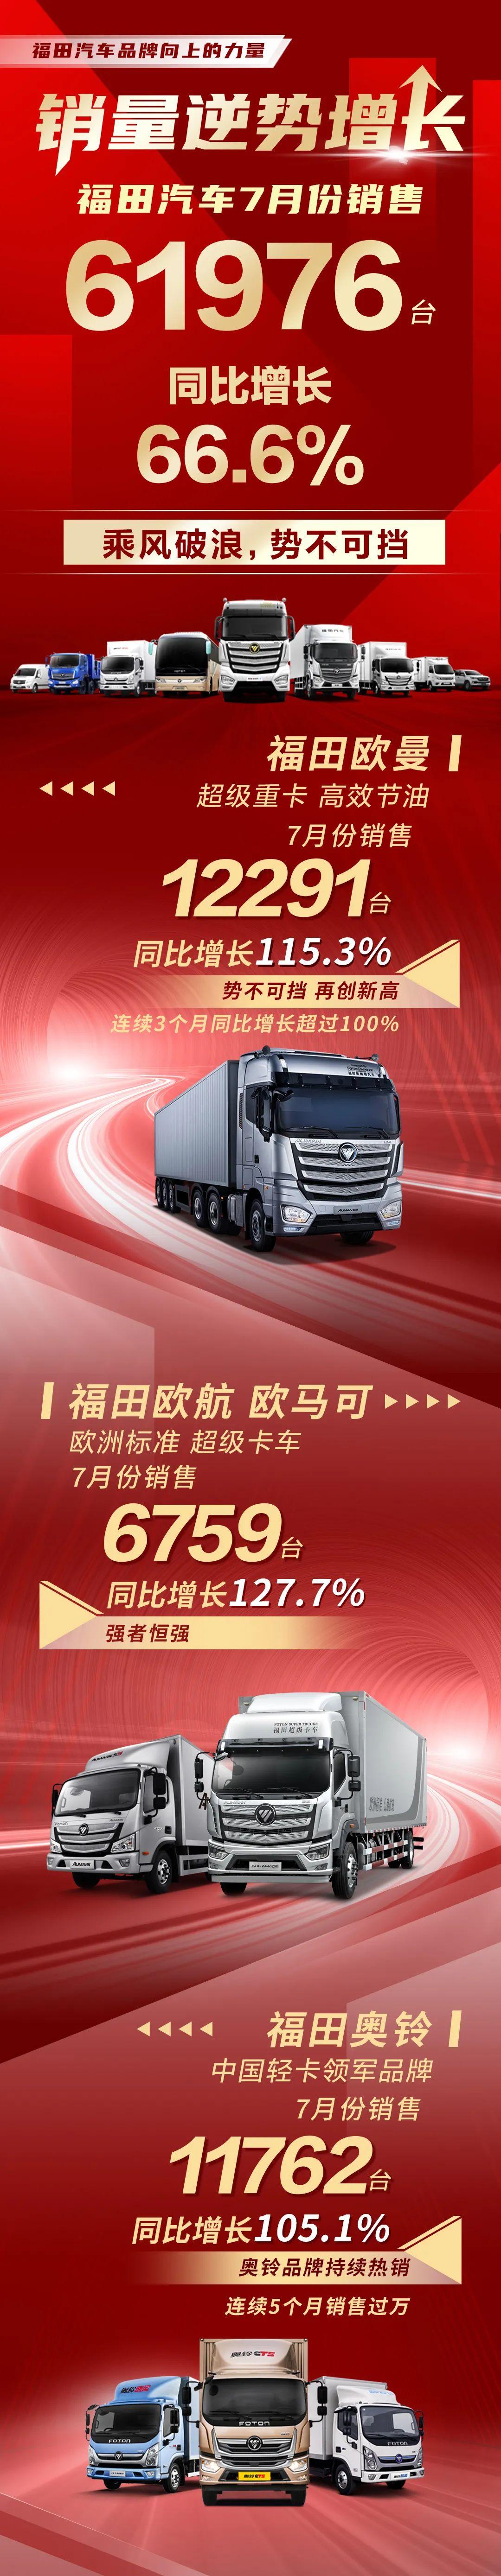 福田汽车7月份销量超六万辆!